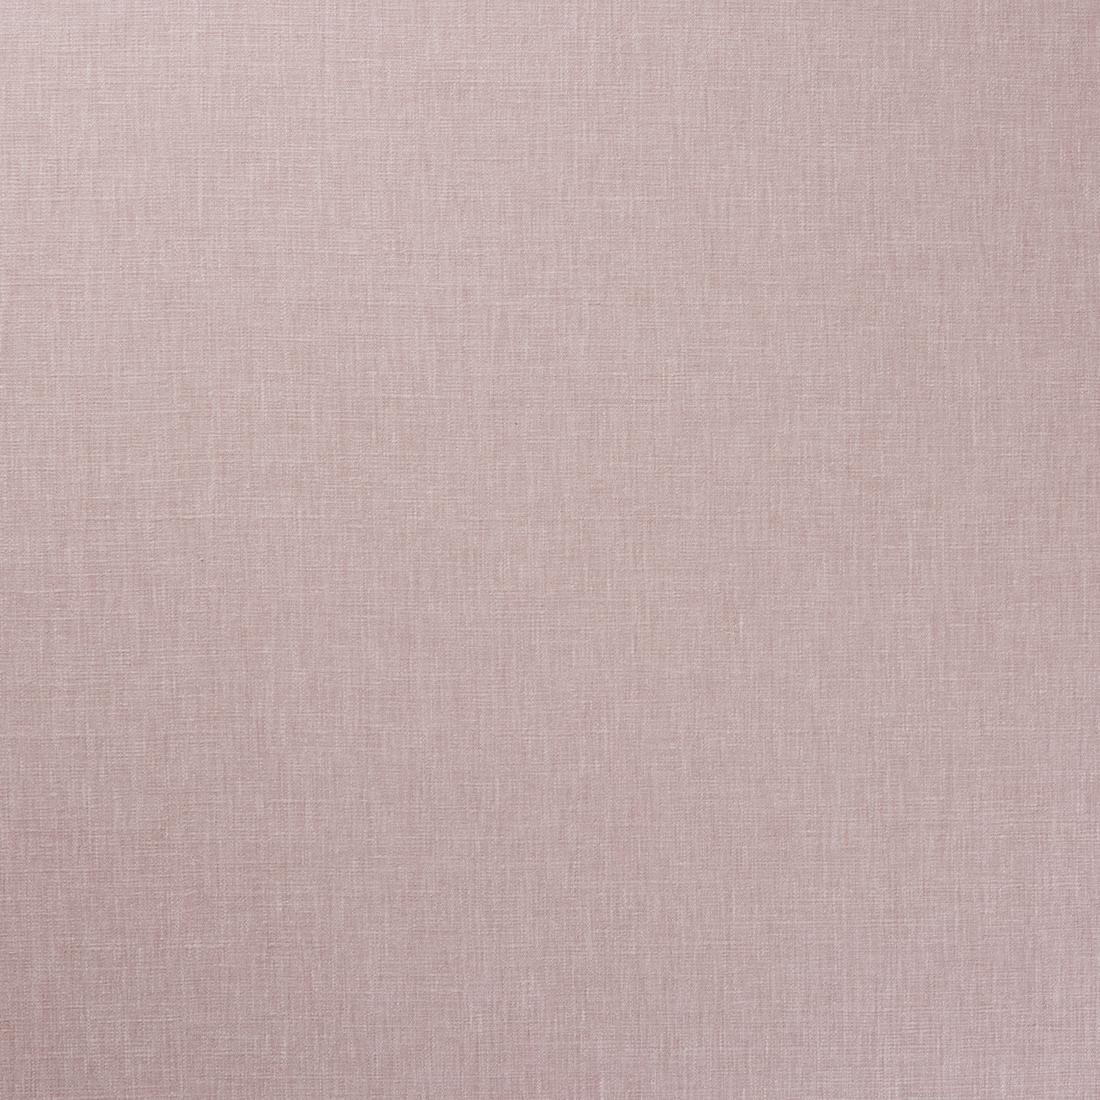 Iceland Ashrose Upholstery Fabric